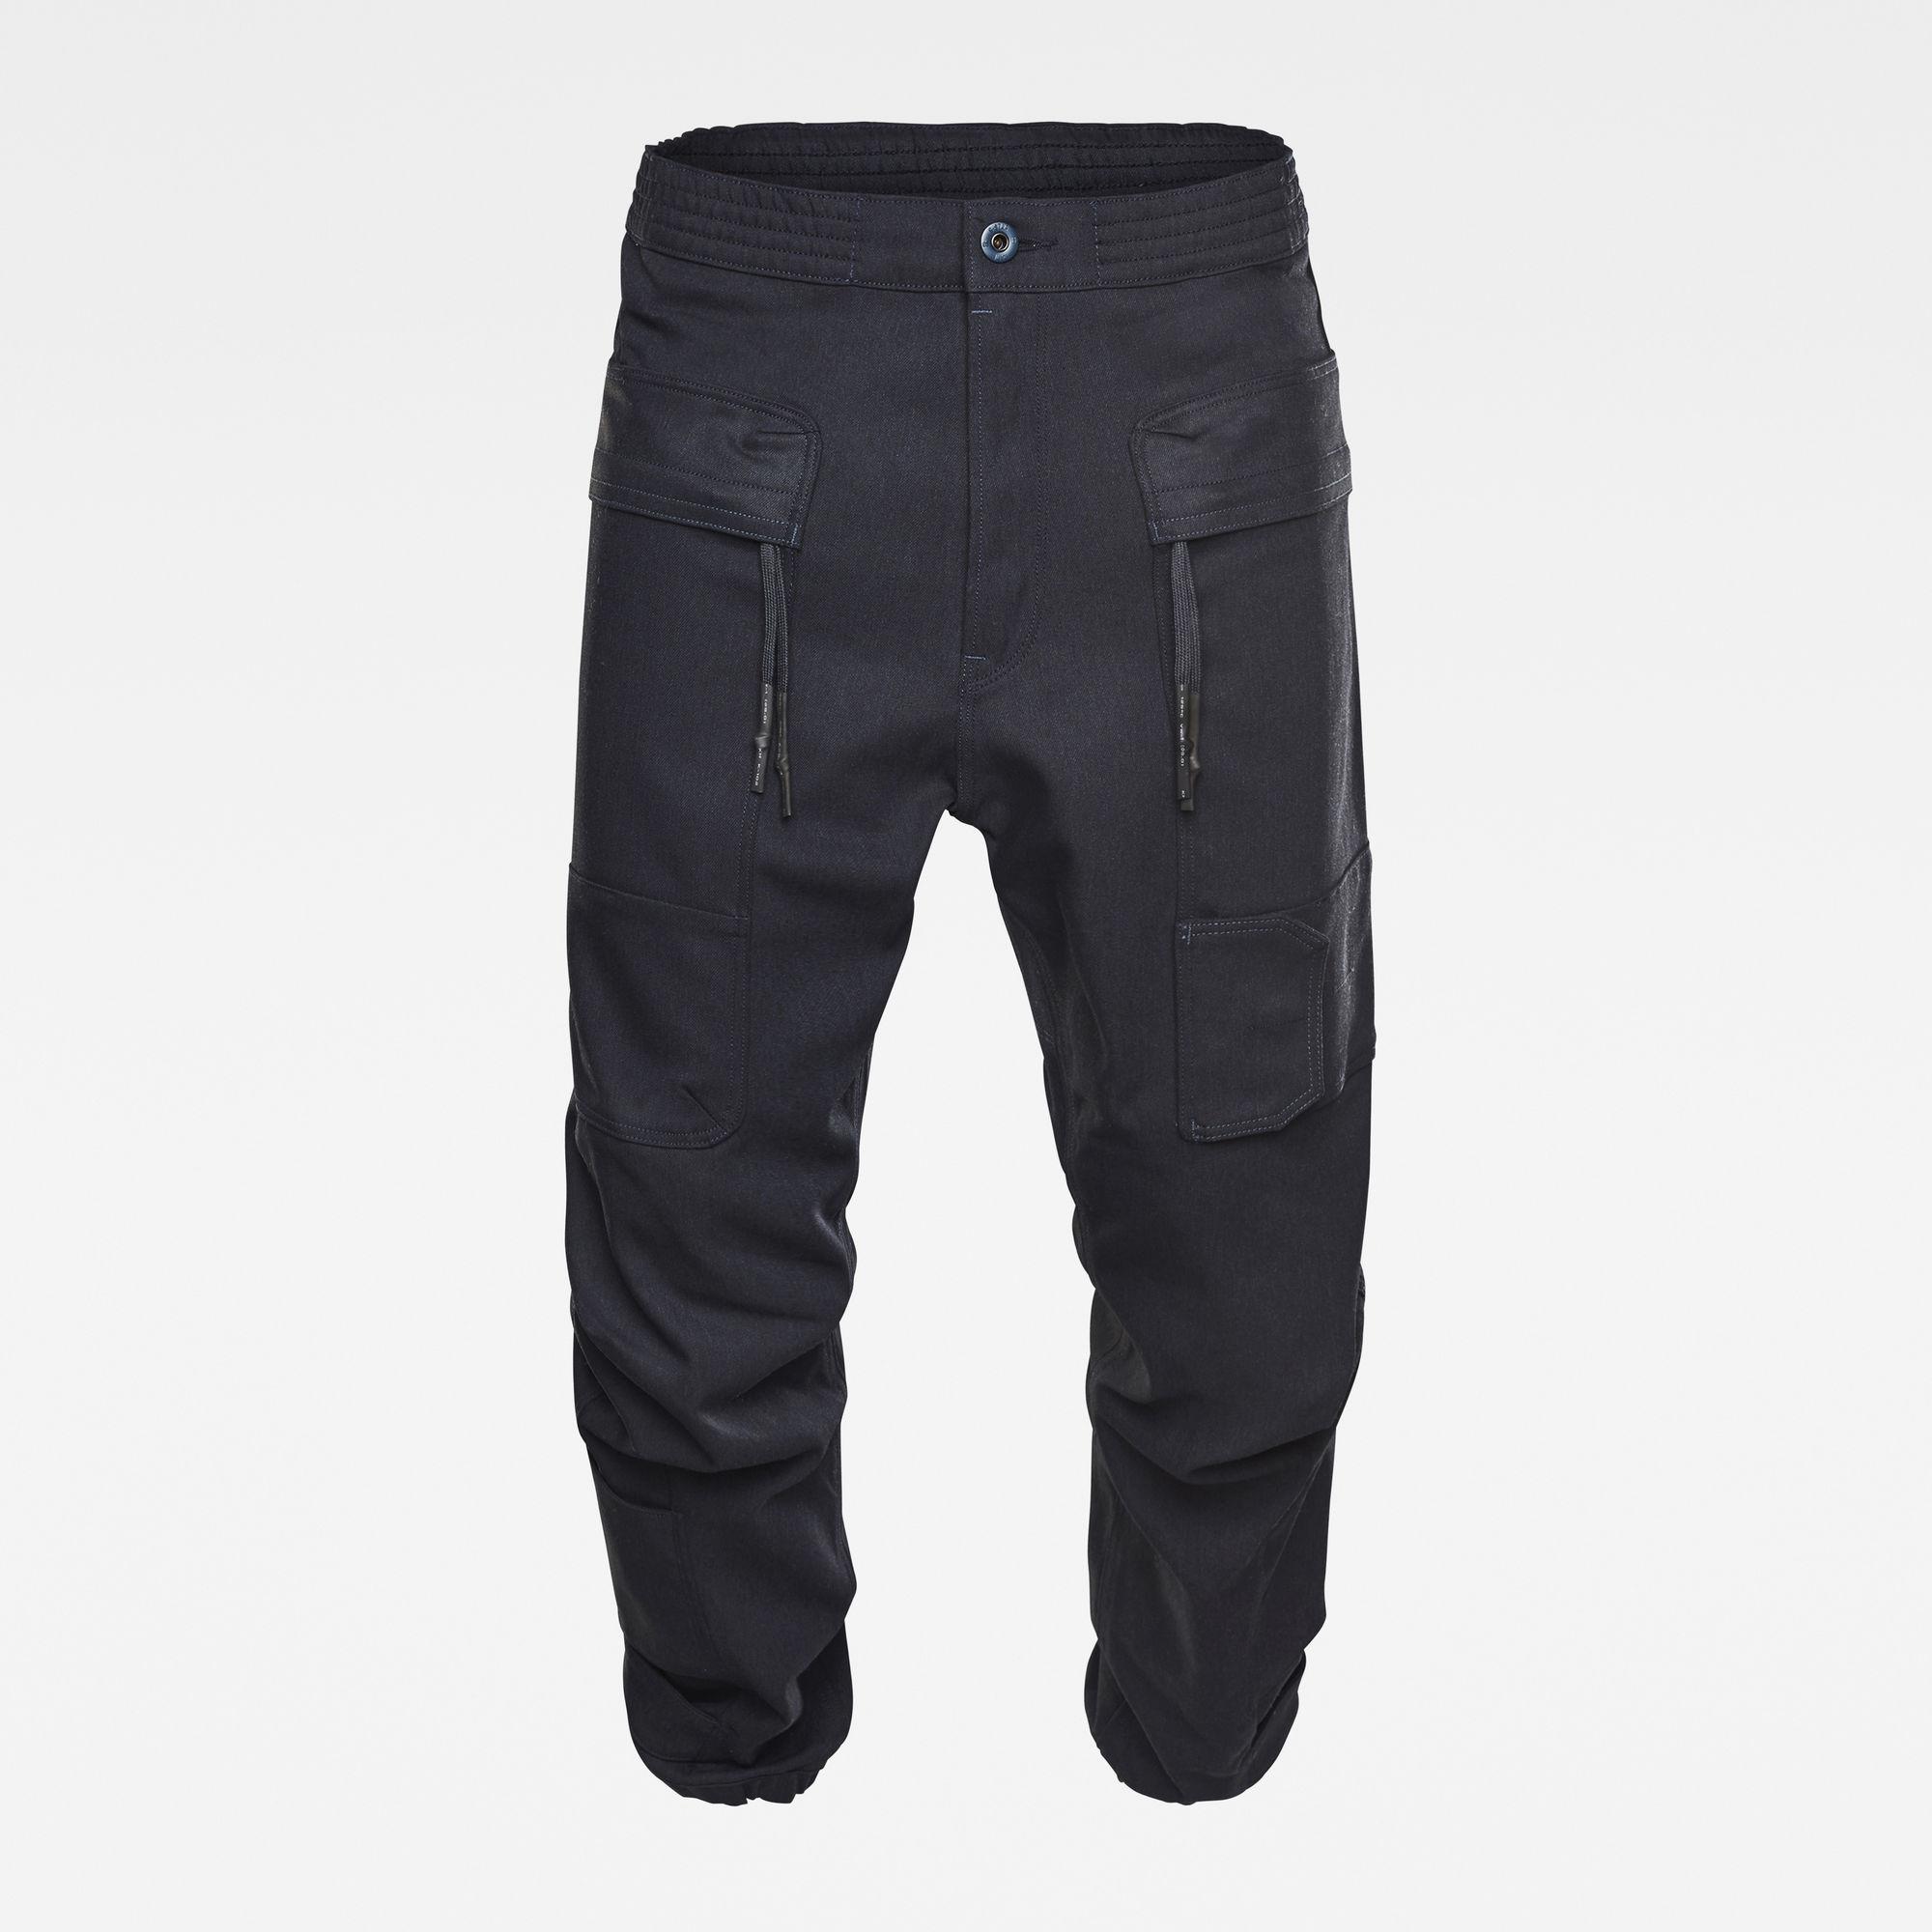 G-Star RAW Heren GSRR Cargo 3D Cuffed Jeans Donkerblauw